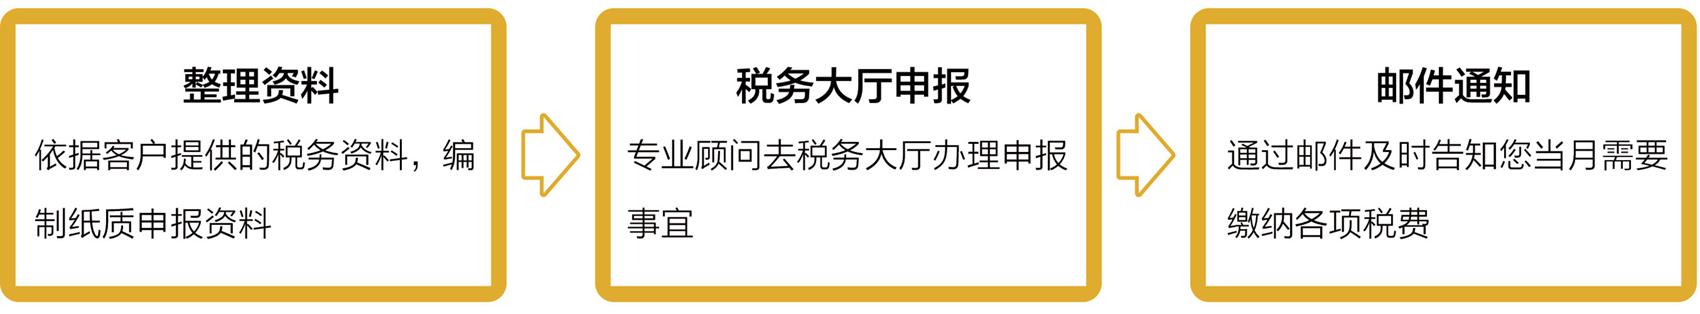 纳税申报_08.jpg